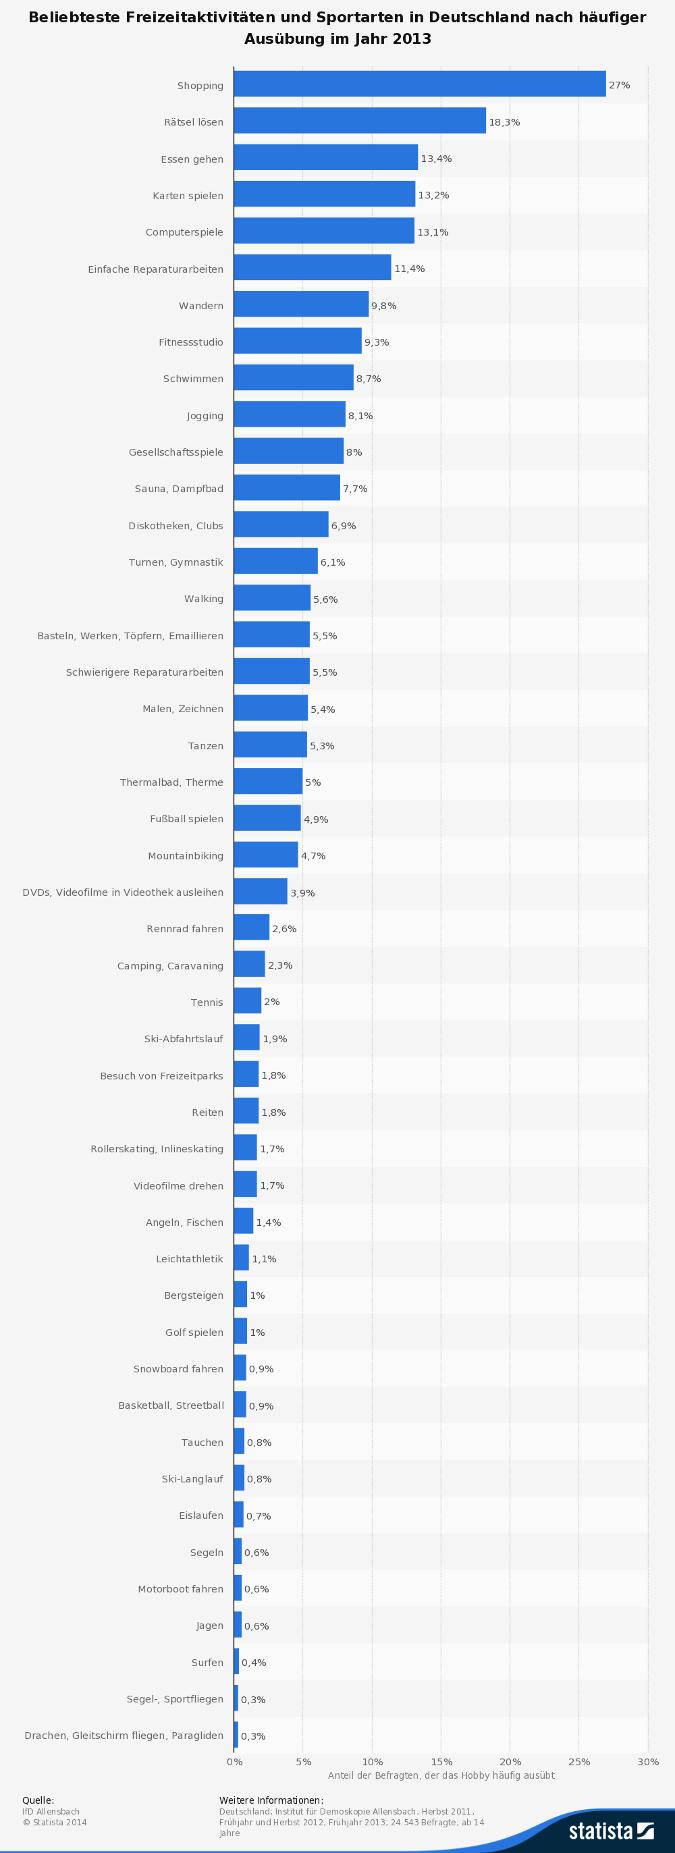 Deutschlands beliebteste Freizeitaktivitäten